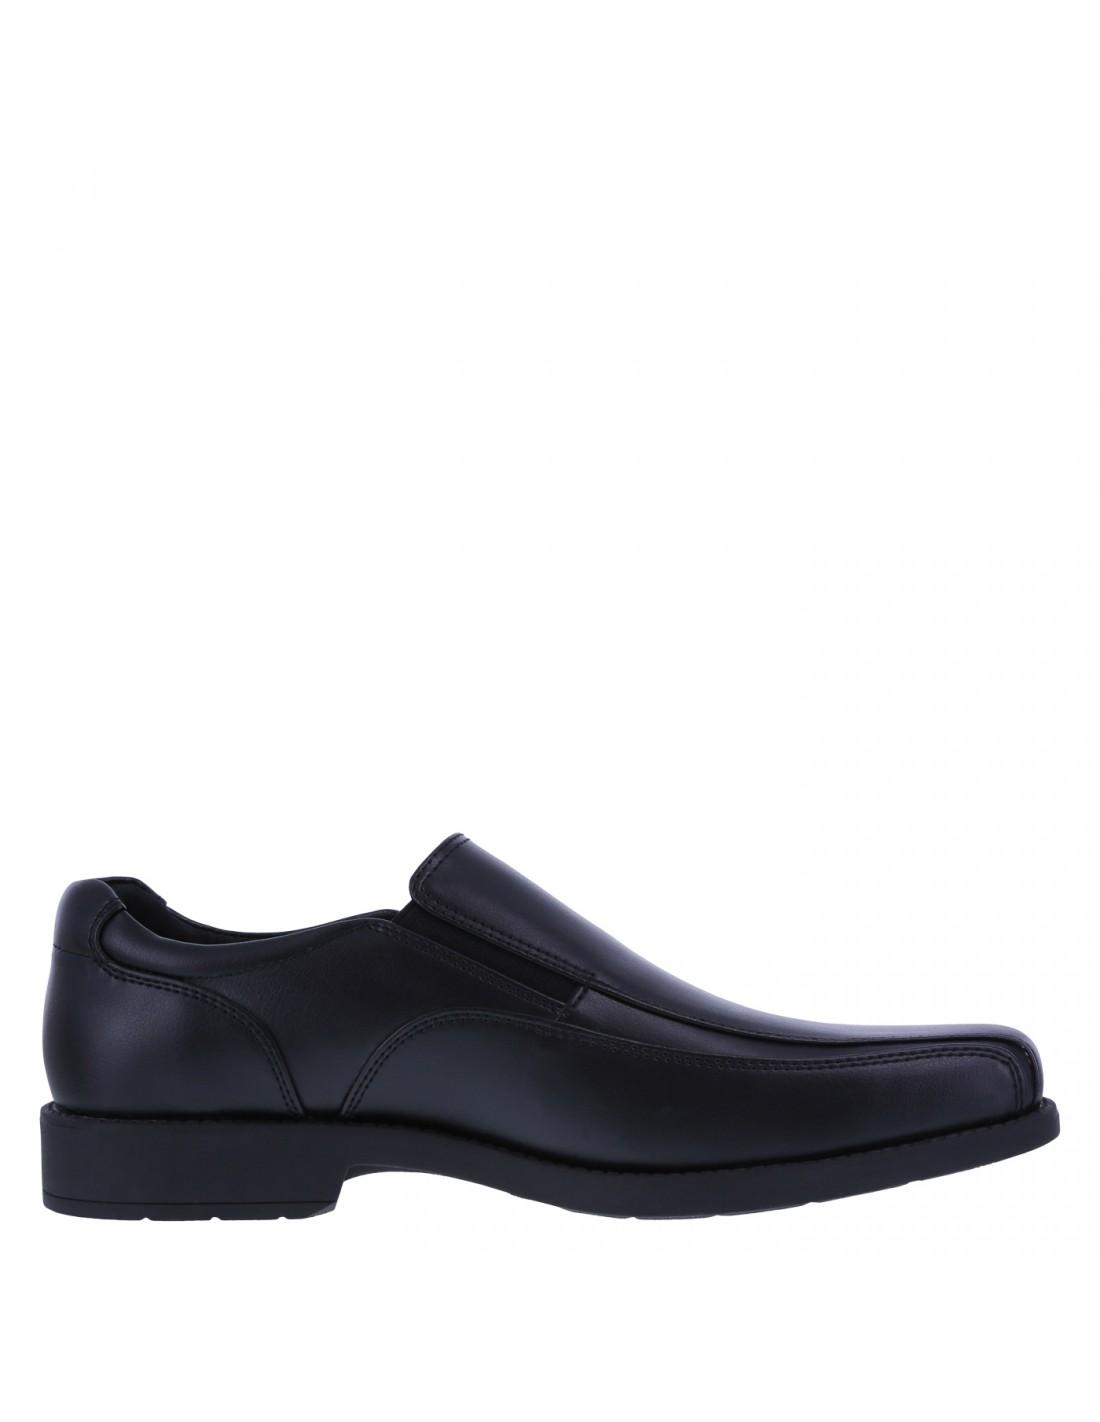 Men's Carlin Dress shoes   Payless